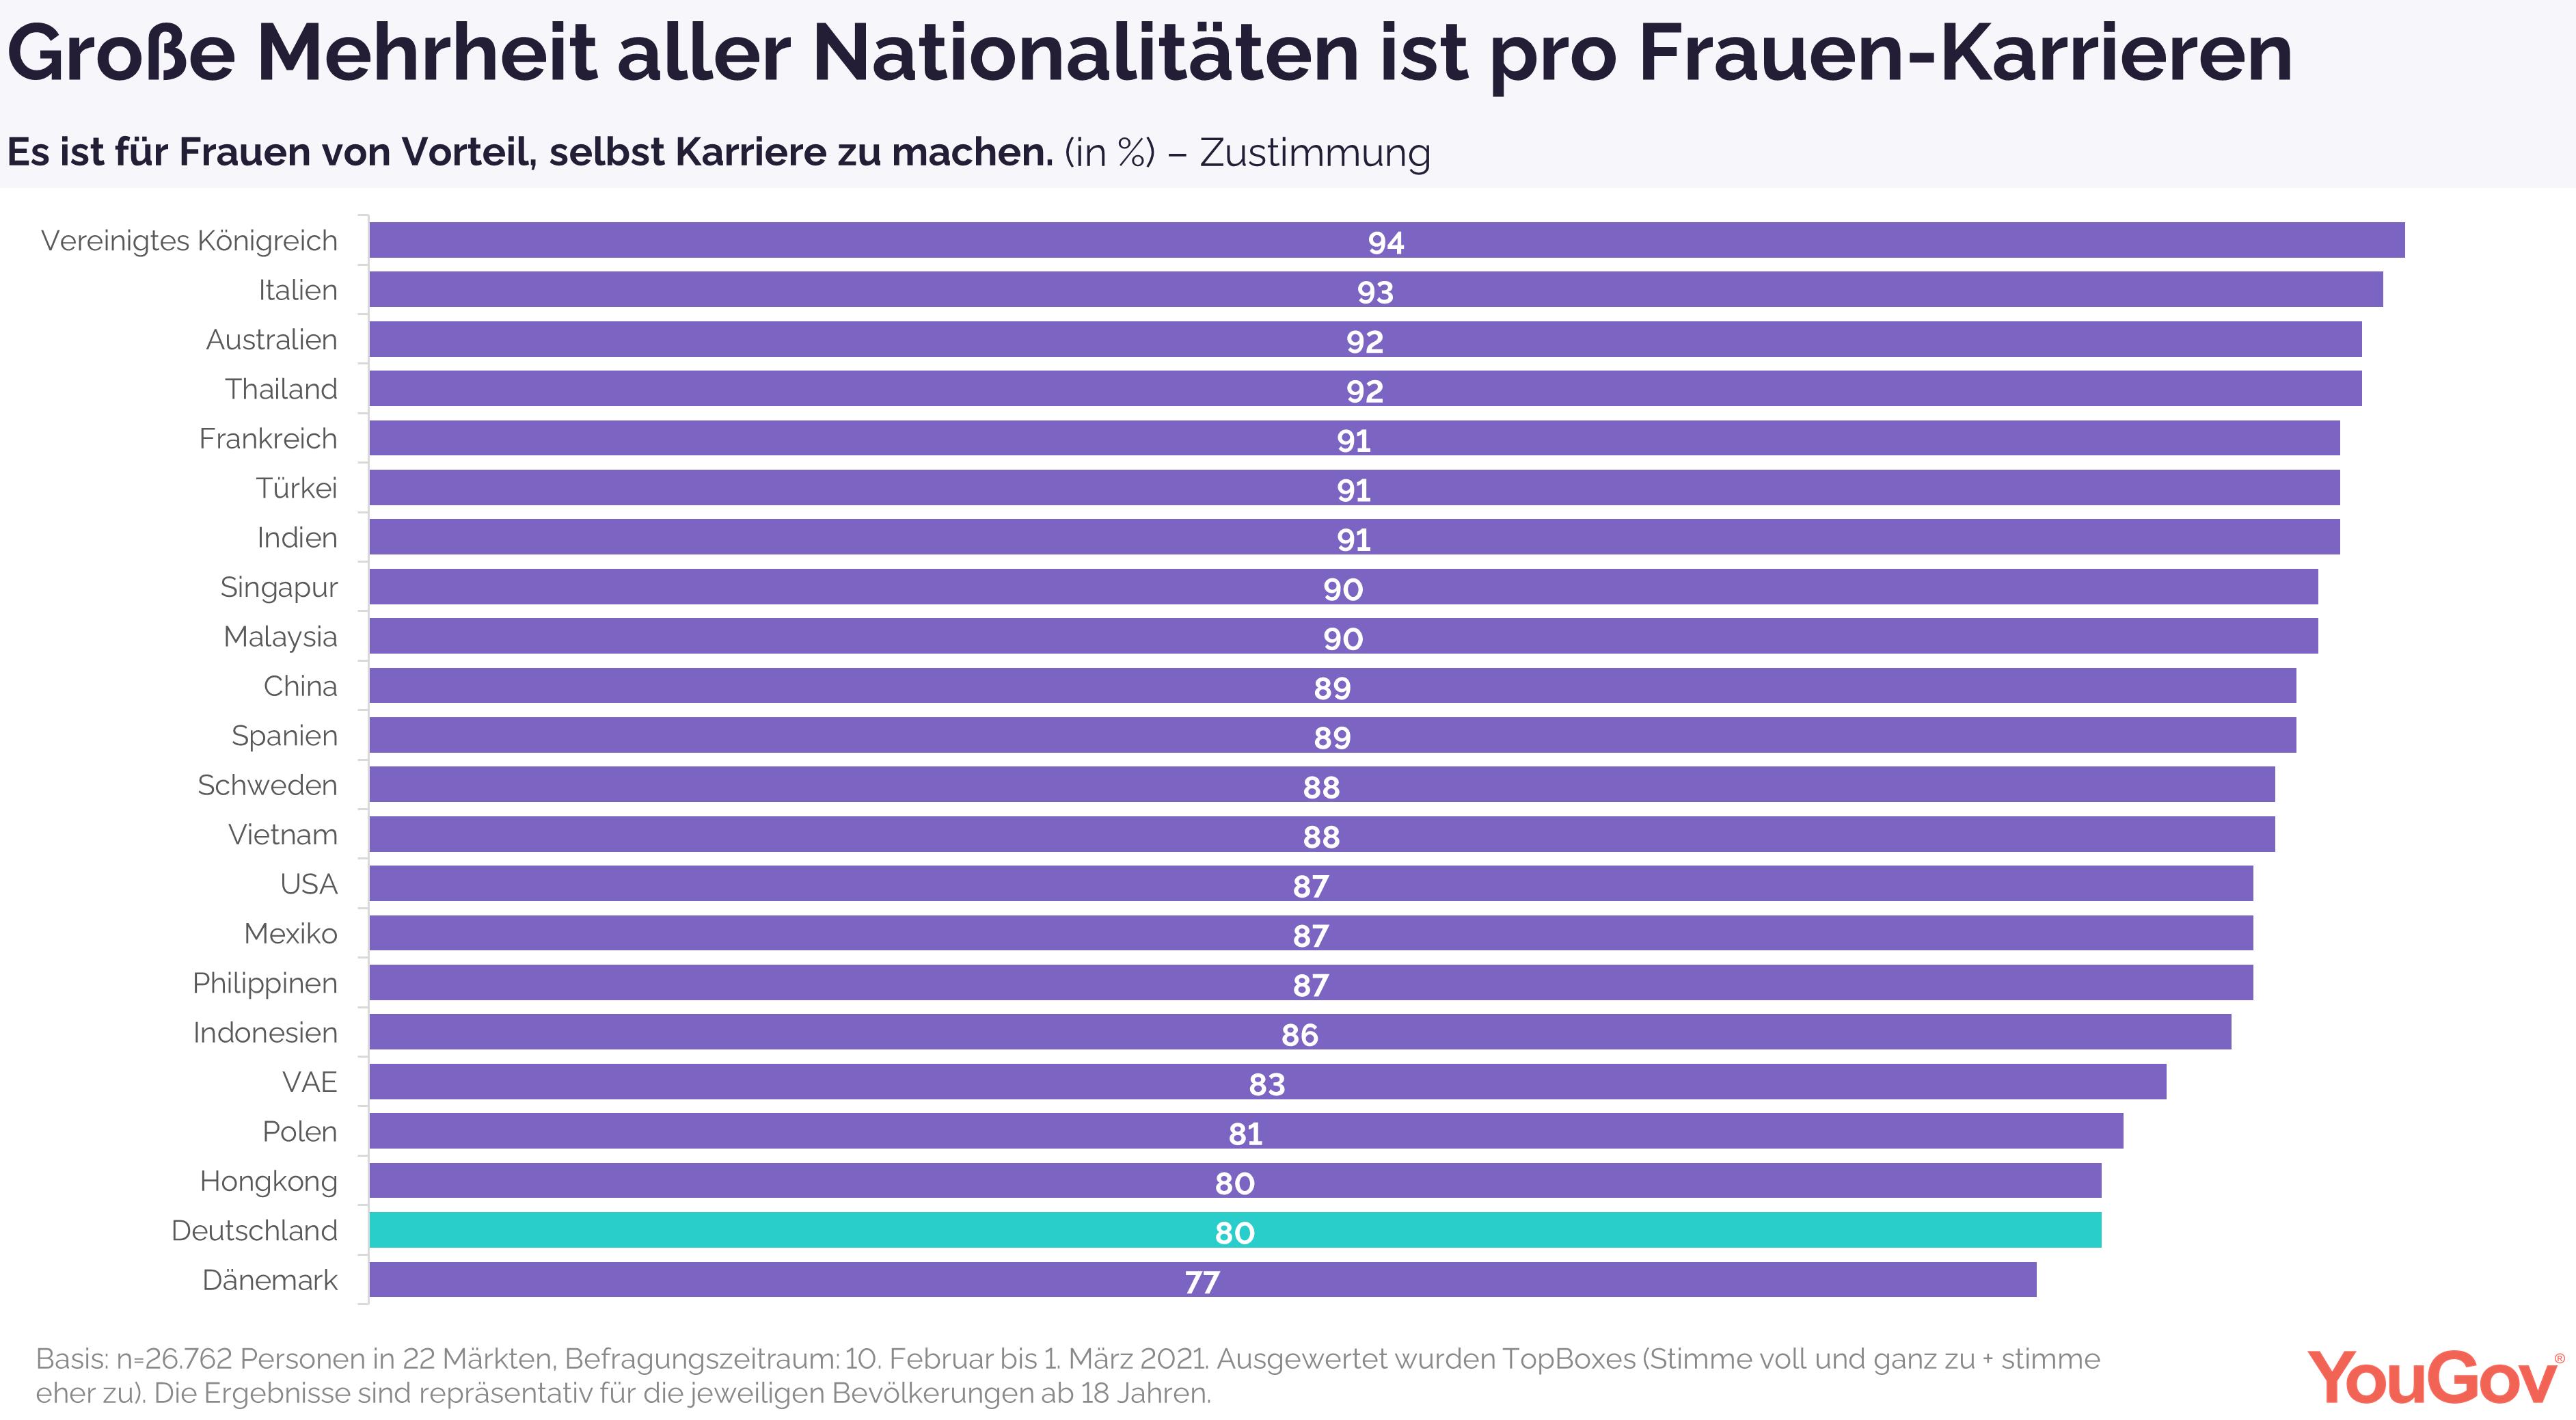 Große Mehrheit international ist pro Frauen-Karrieren